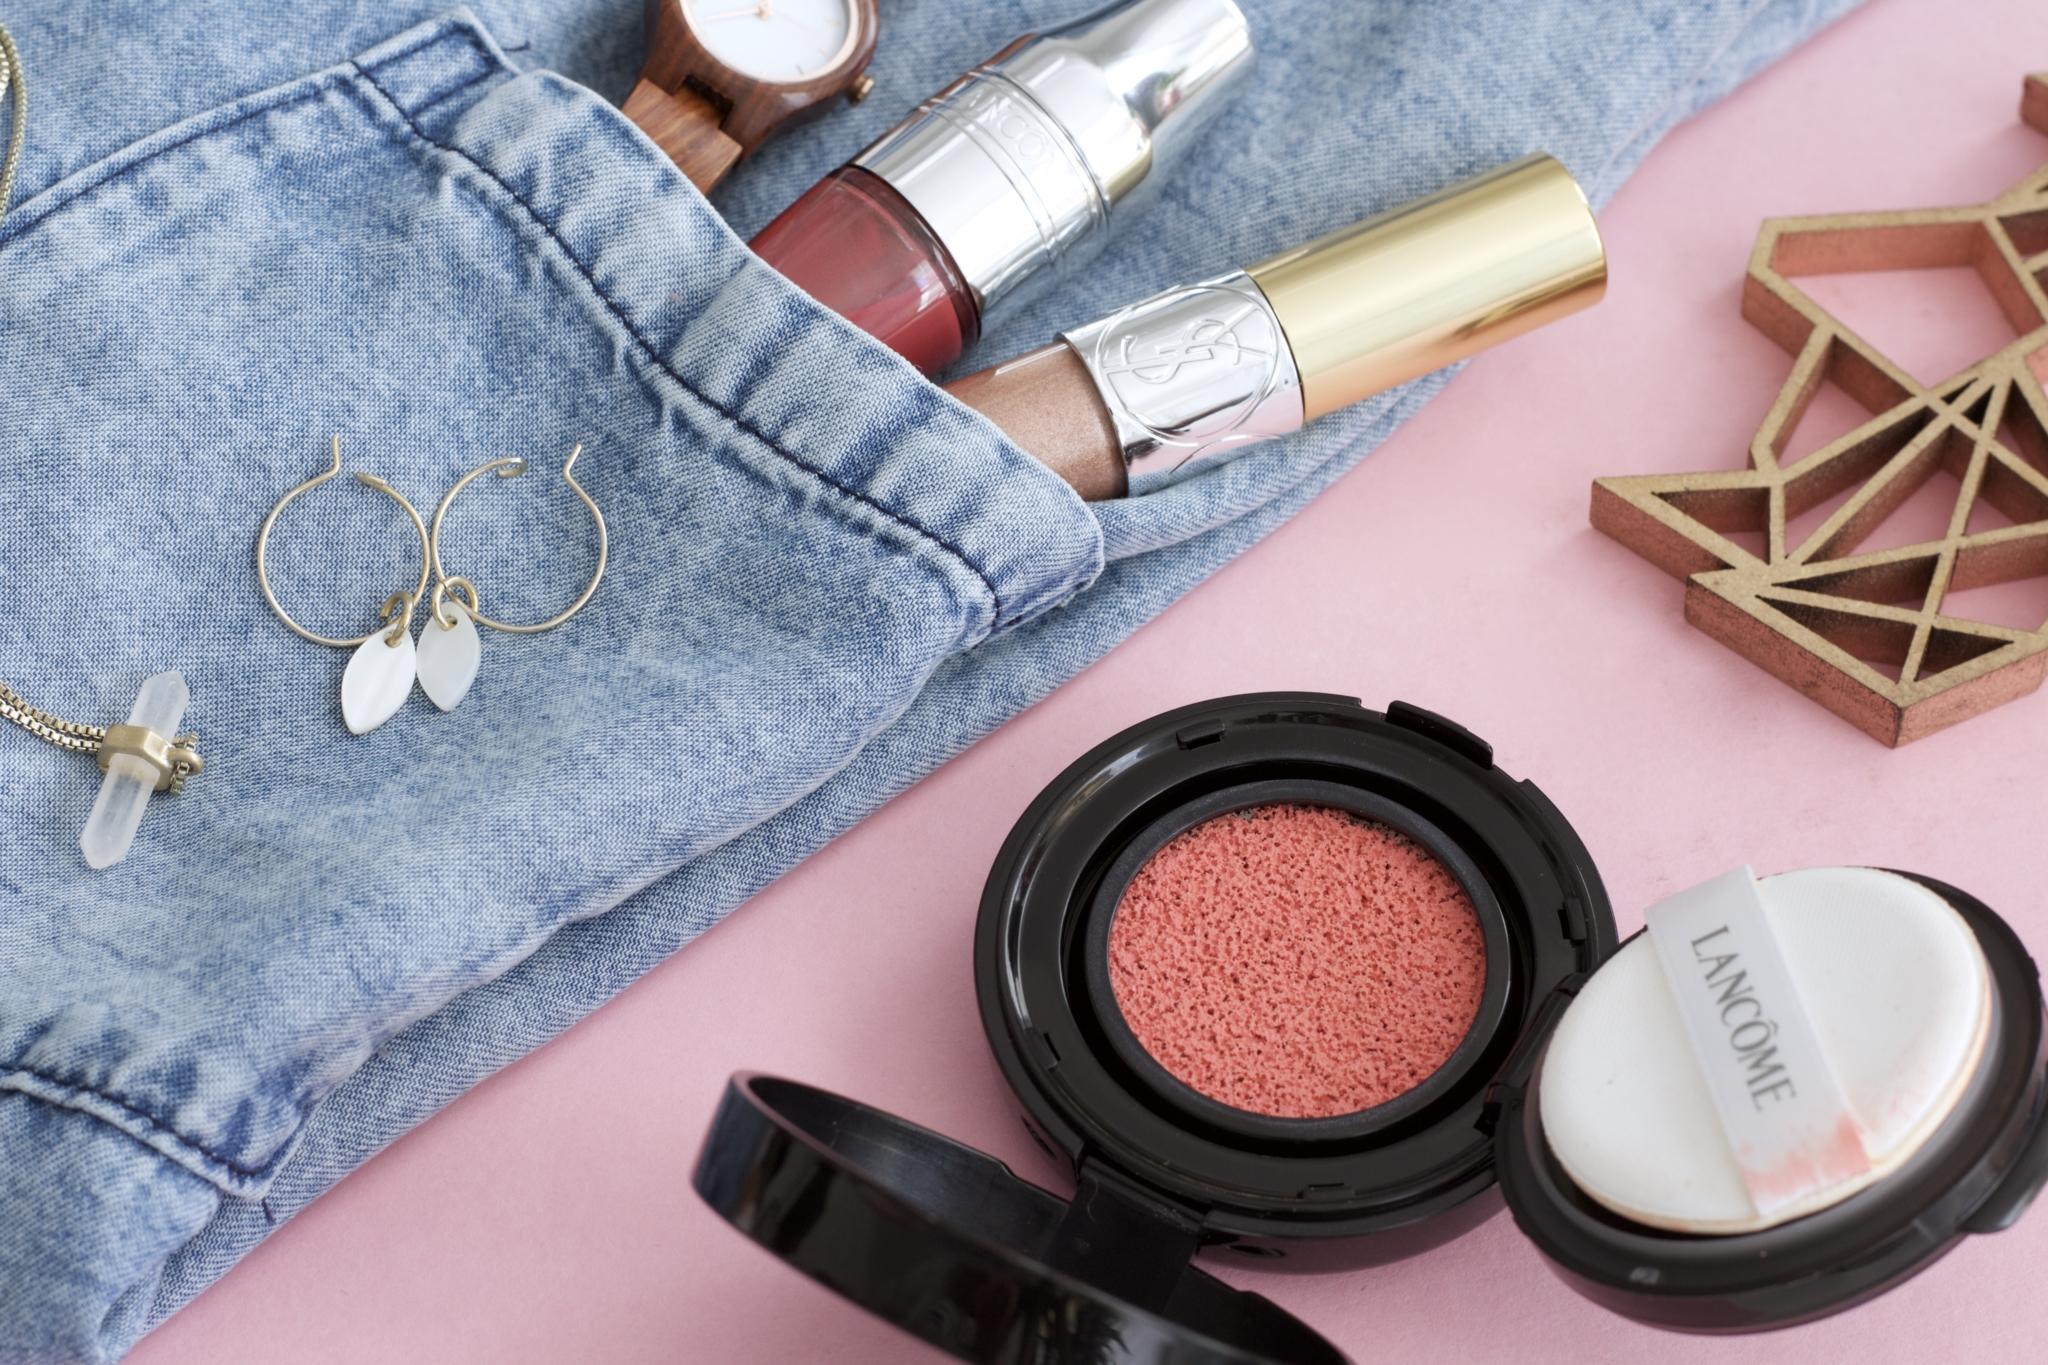 Nahaufnahme verwendete Produkte - Mein Oster Make-up Look: peach & glowy mit Lancome & YSL - Beauty Blog Leipzig